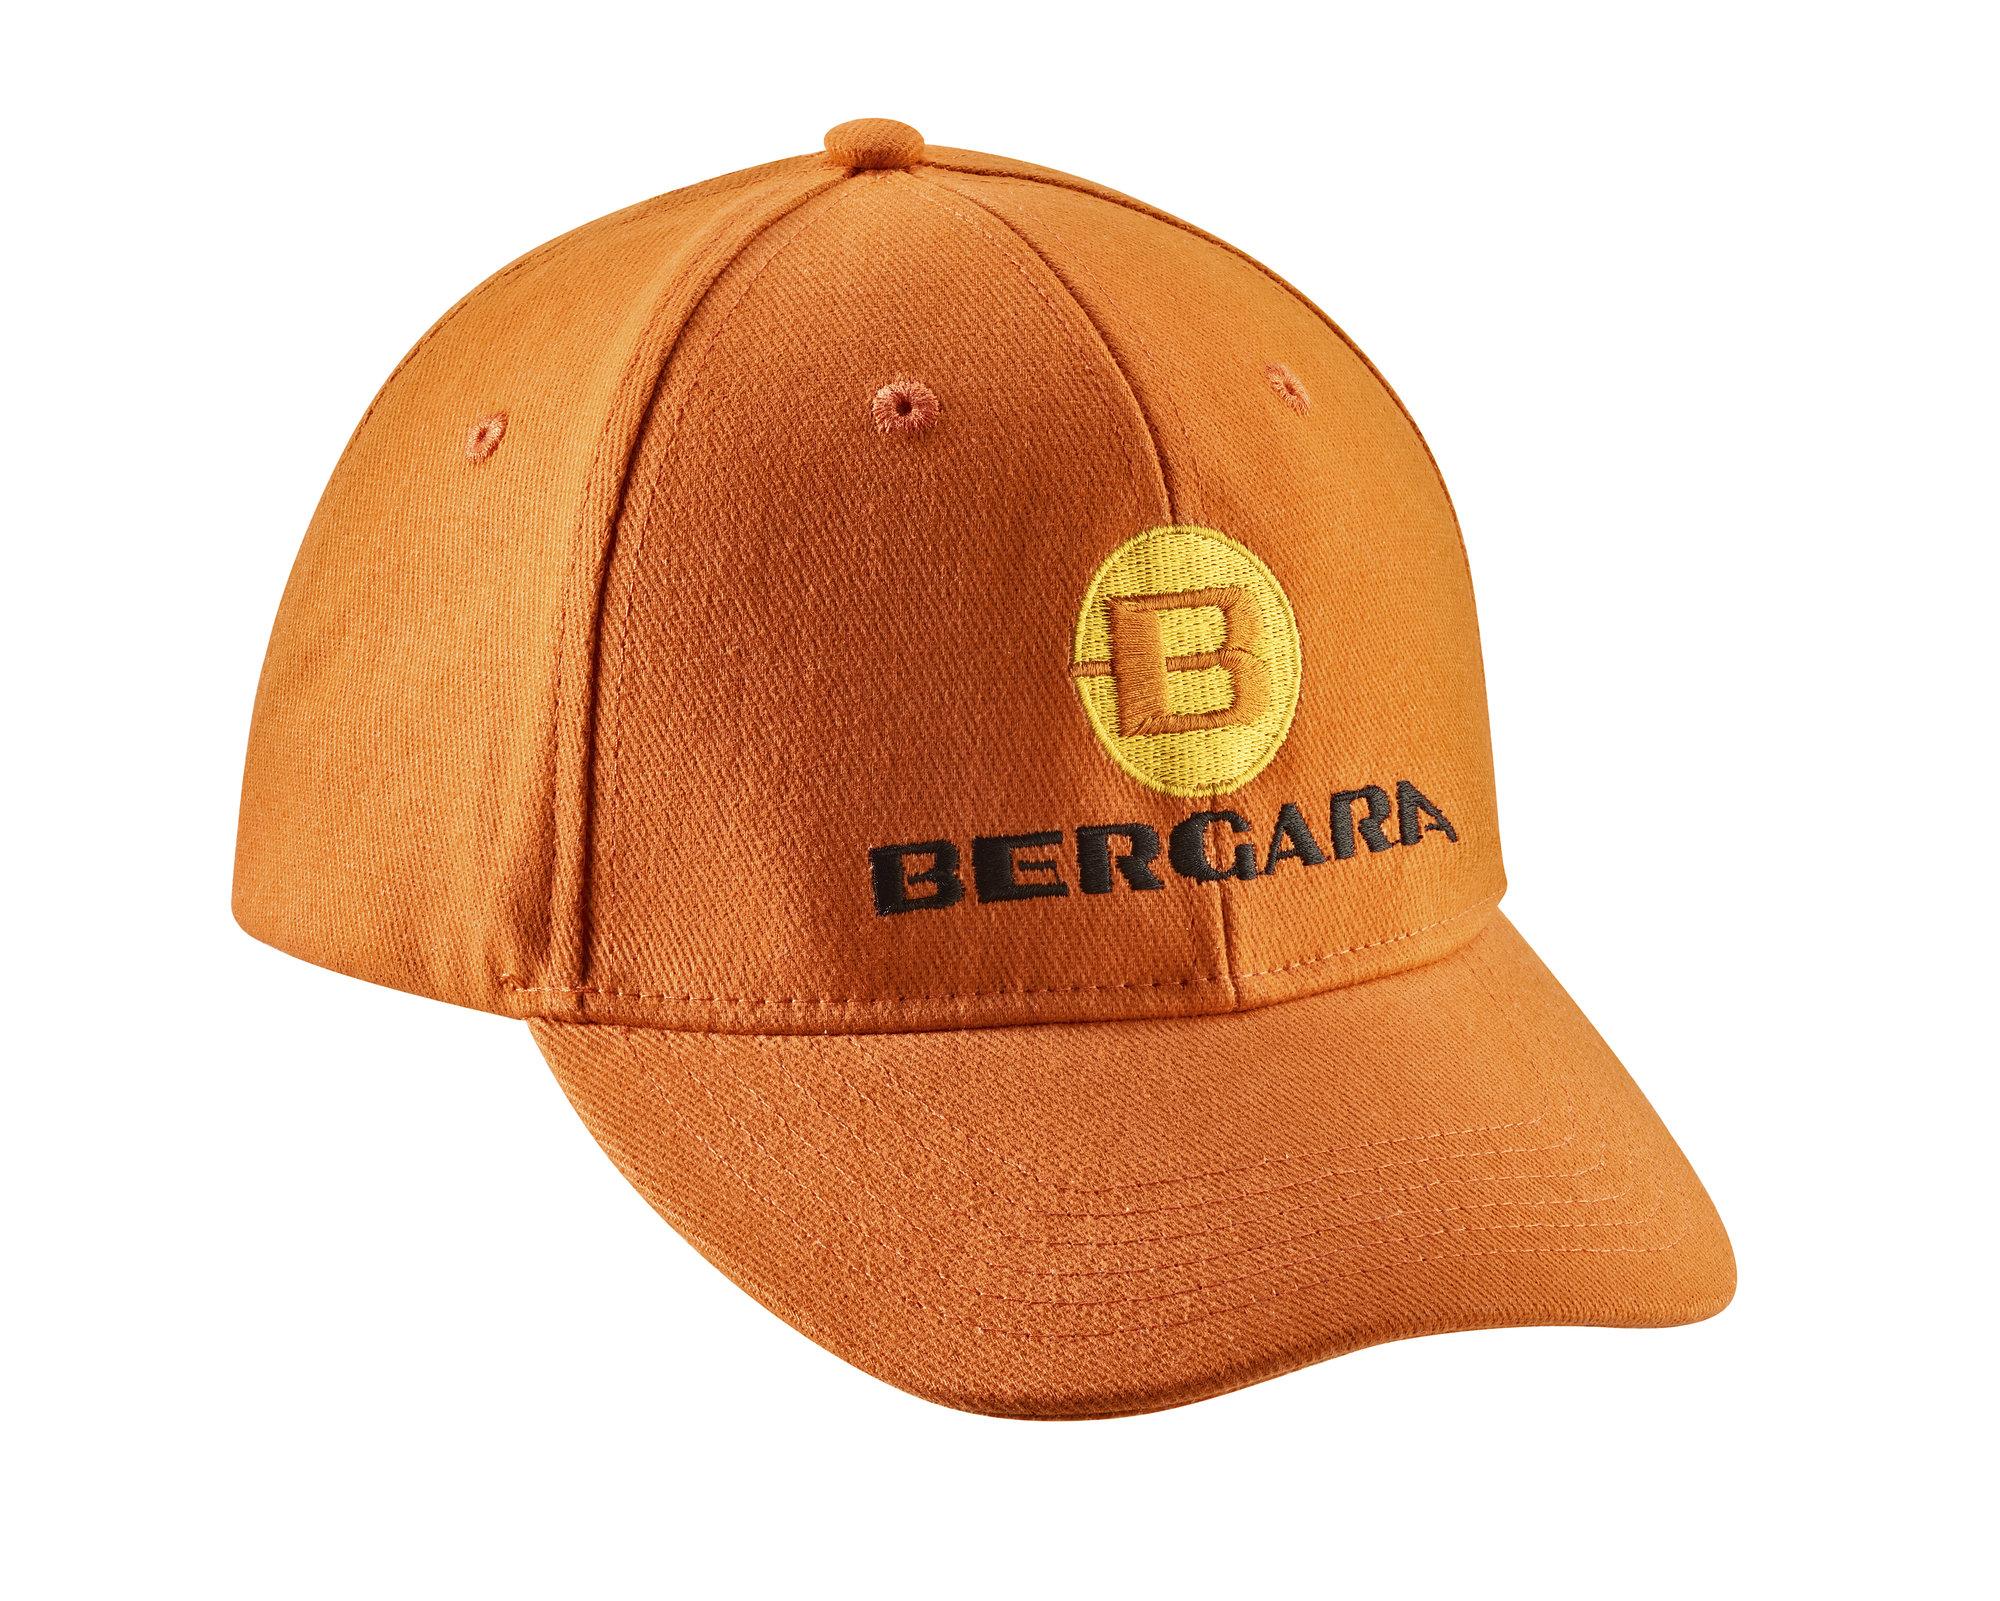 Šiltovka Bergara oranžová